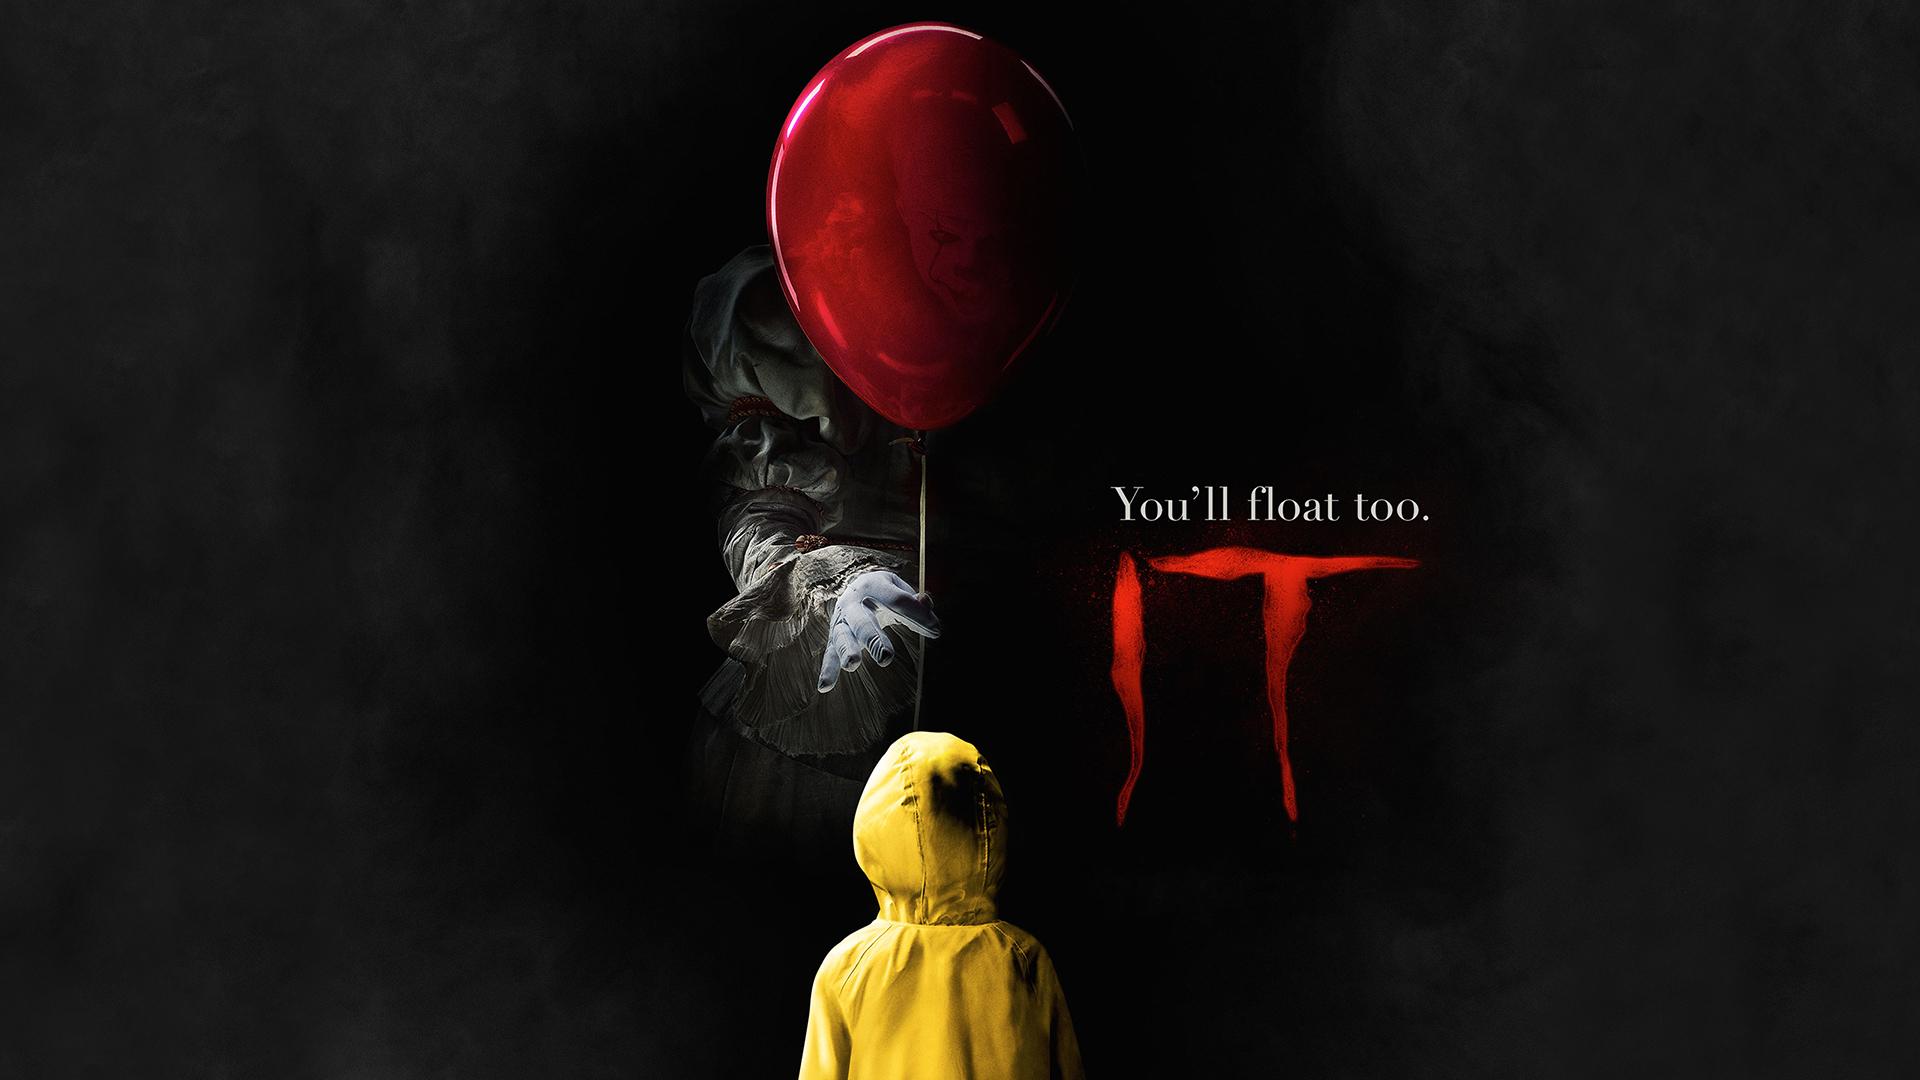 it-balloon-2017-horror-movie-1613